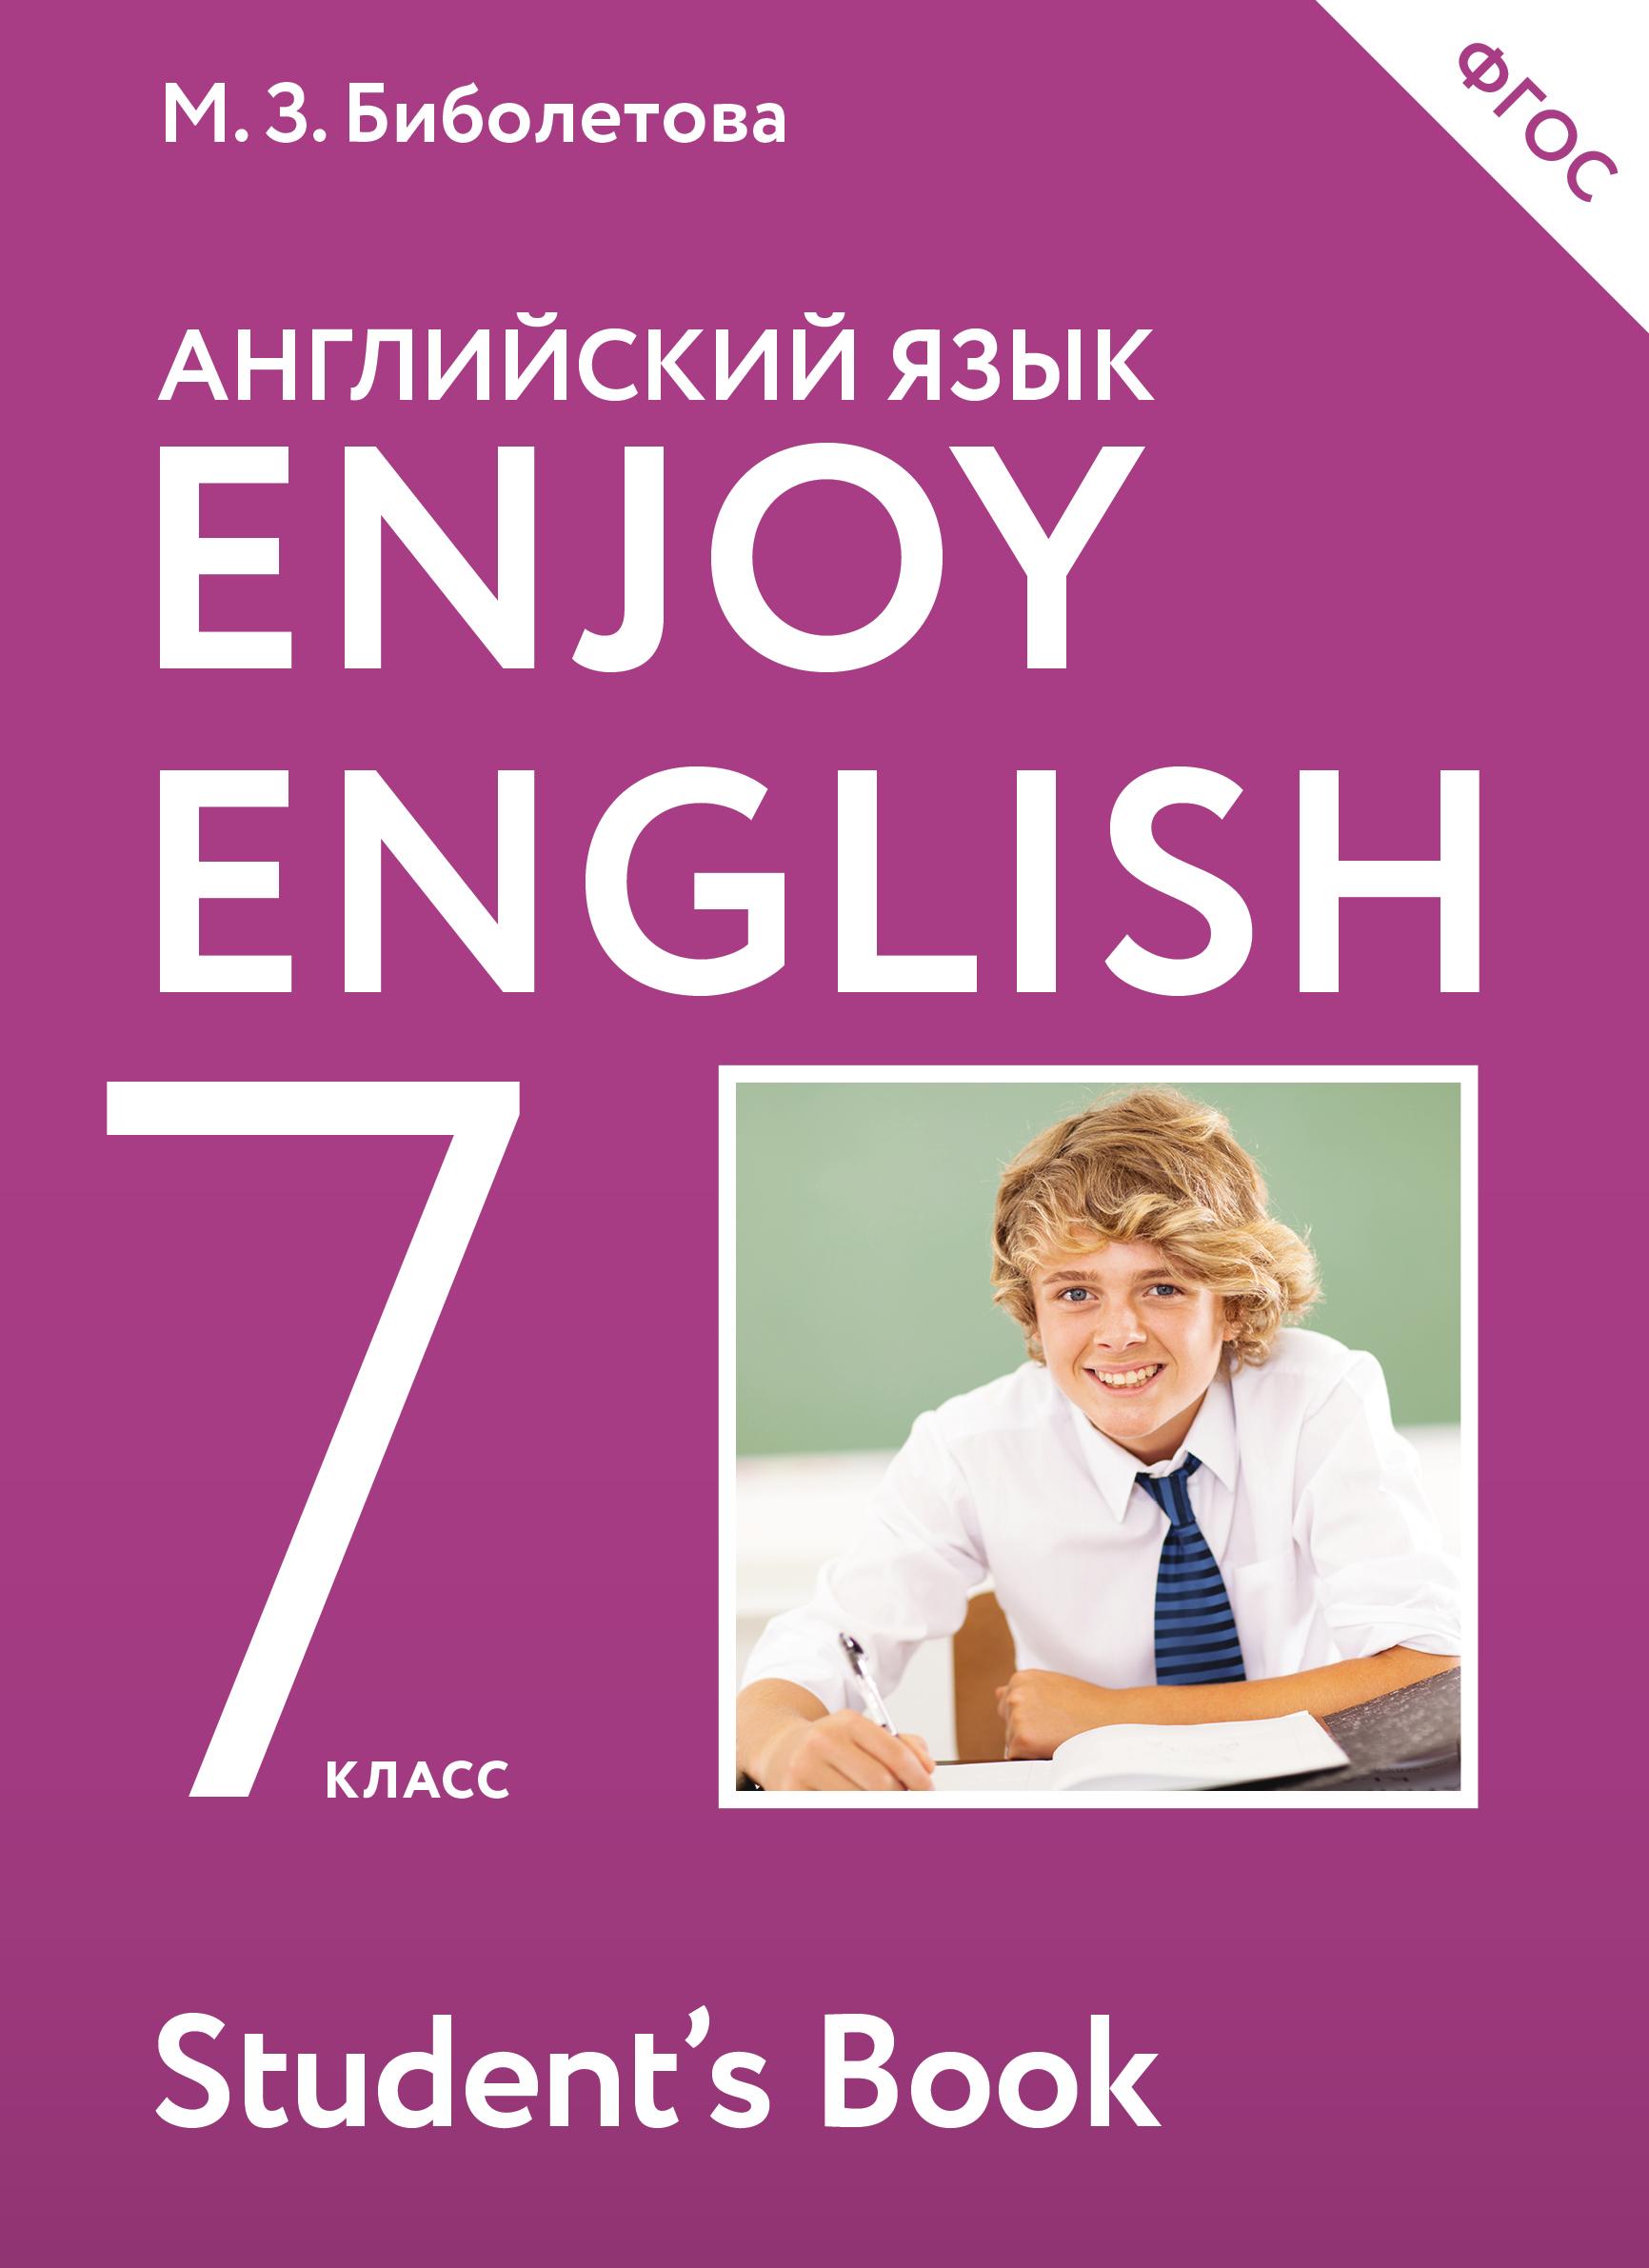 учебник биболетова 7 класс читать